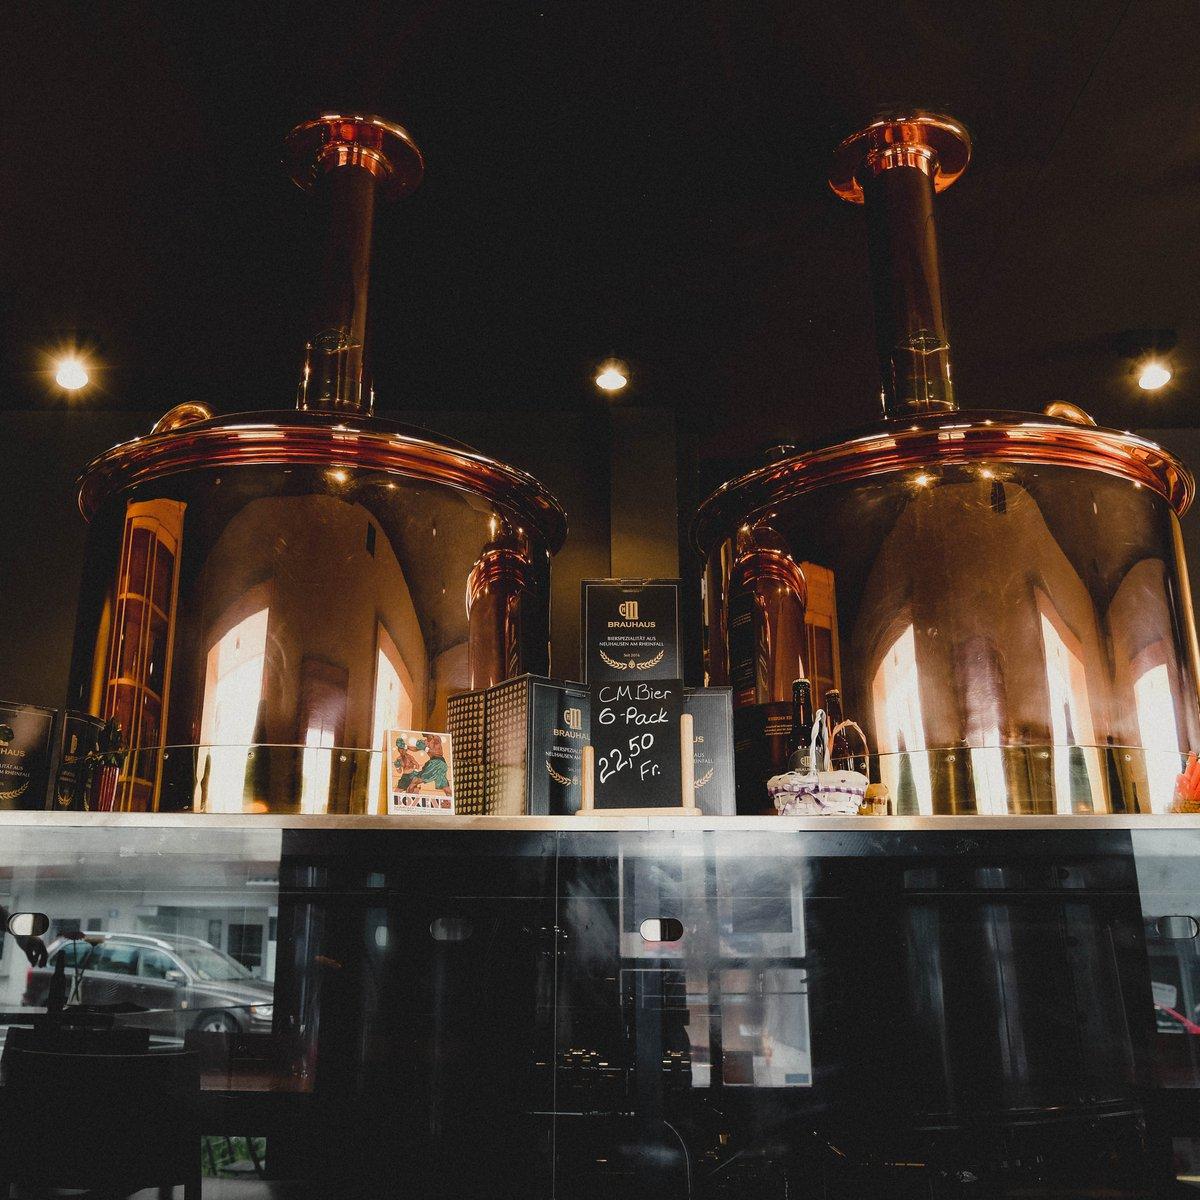 Brauerei, Craft-Beer